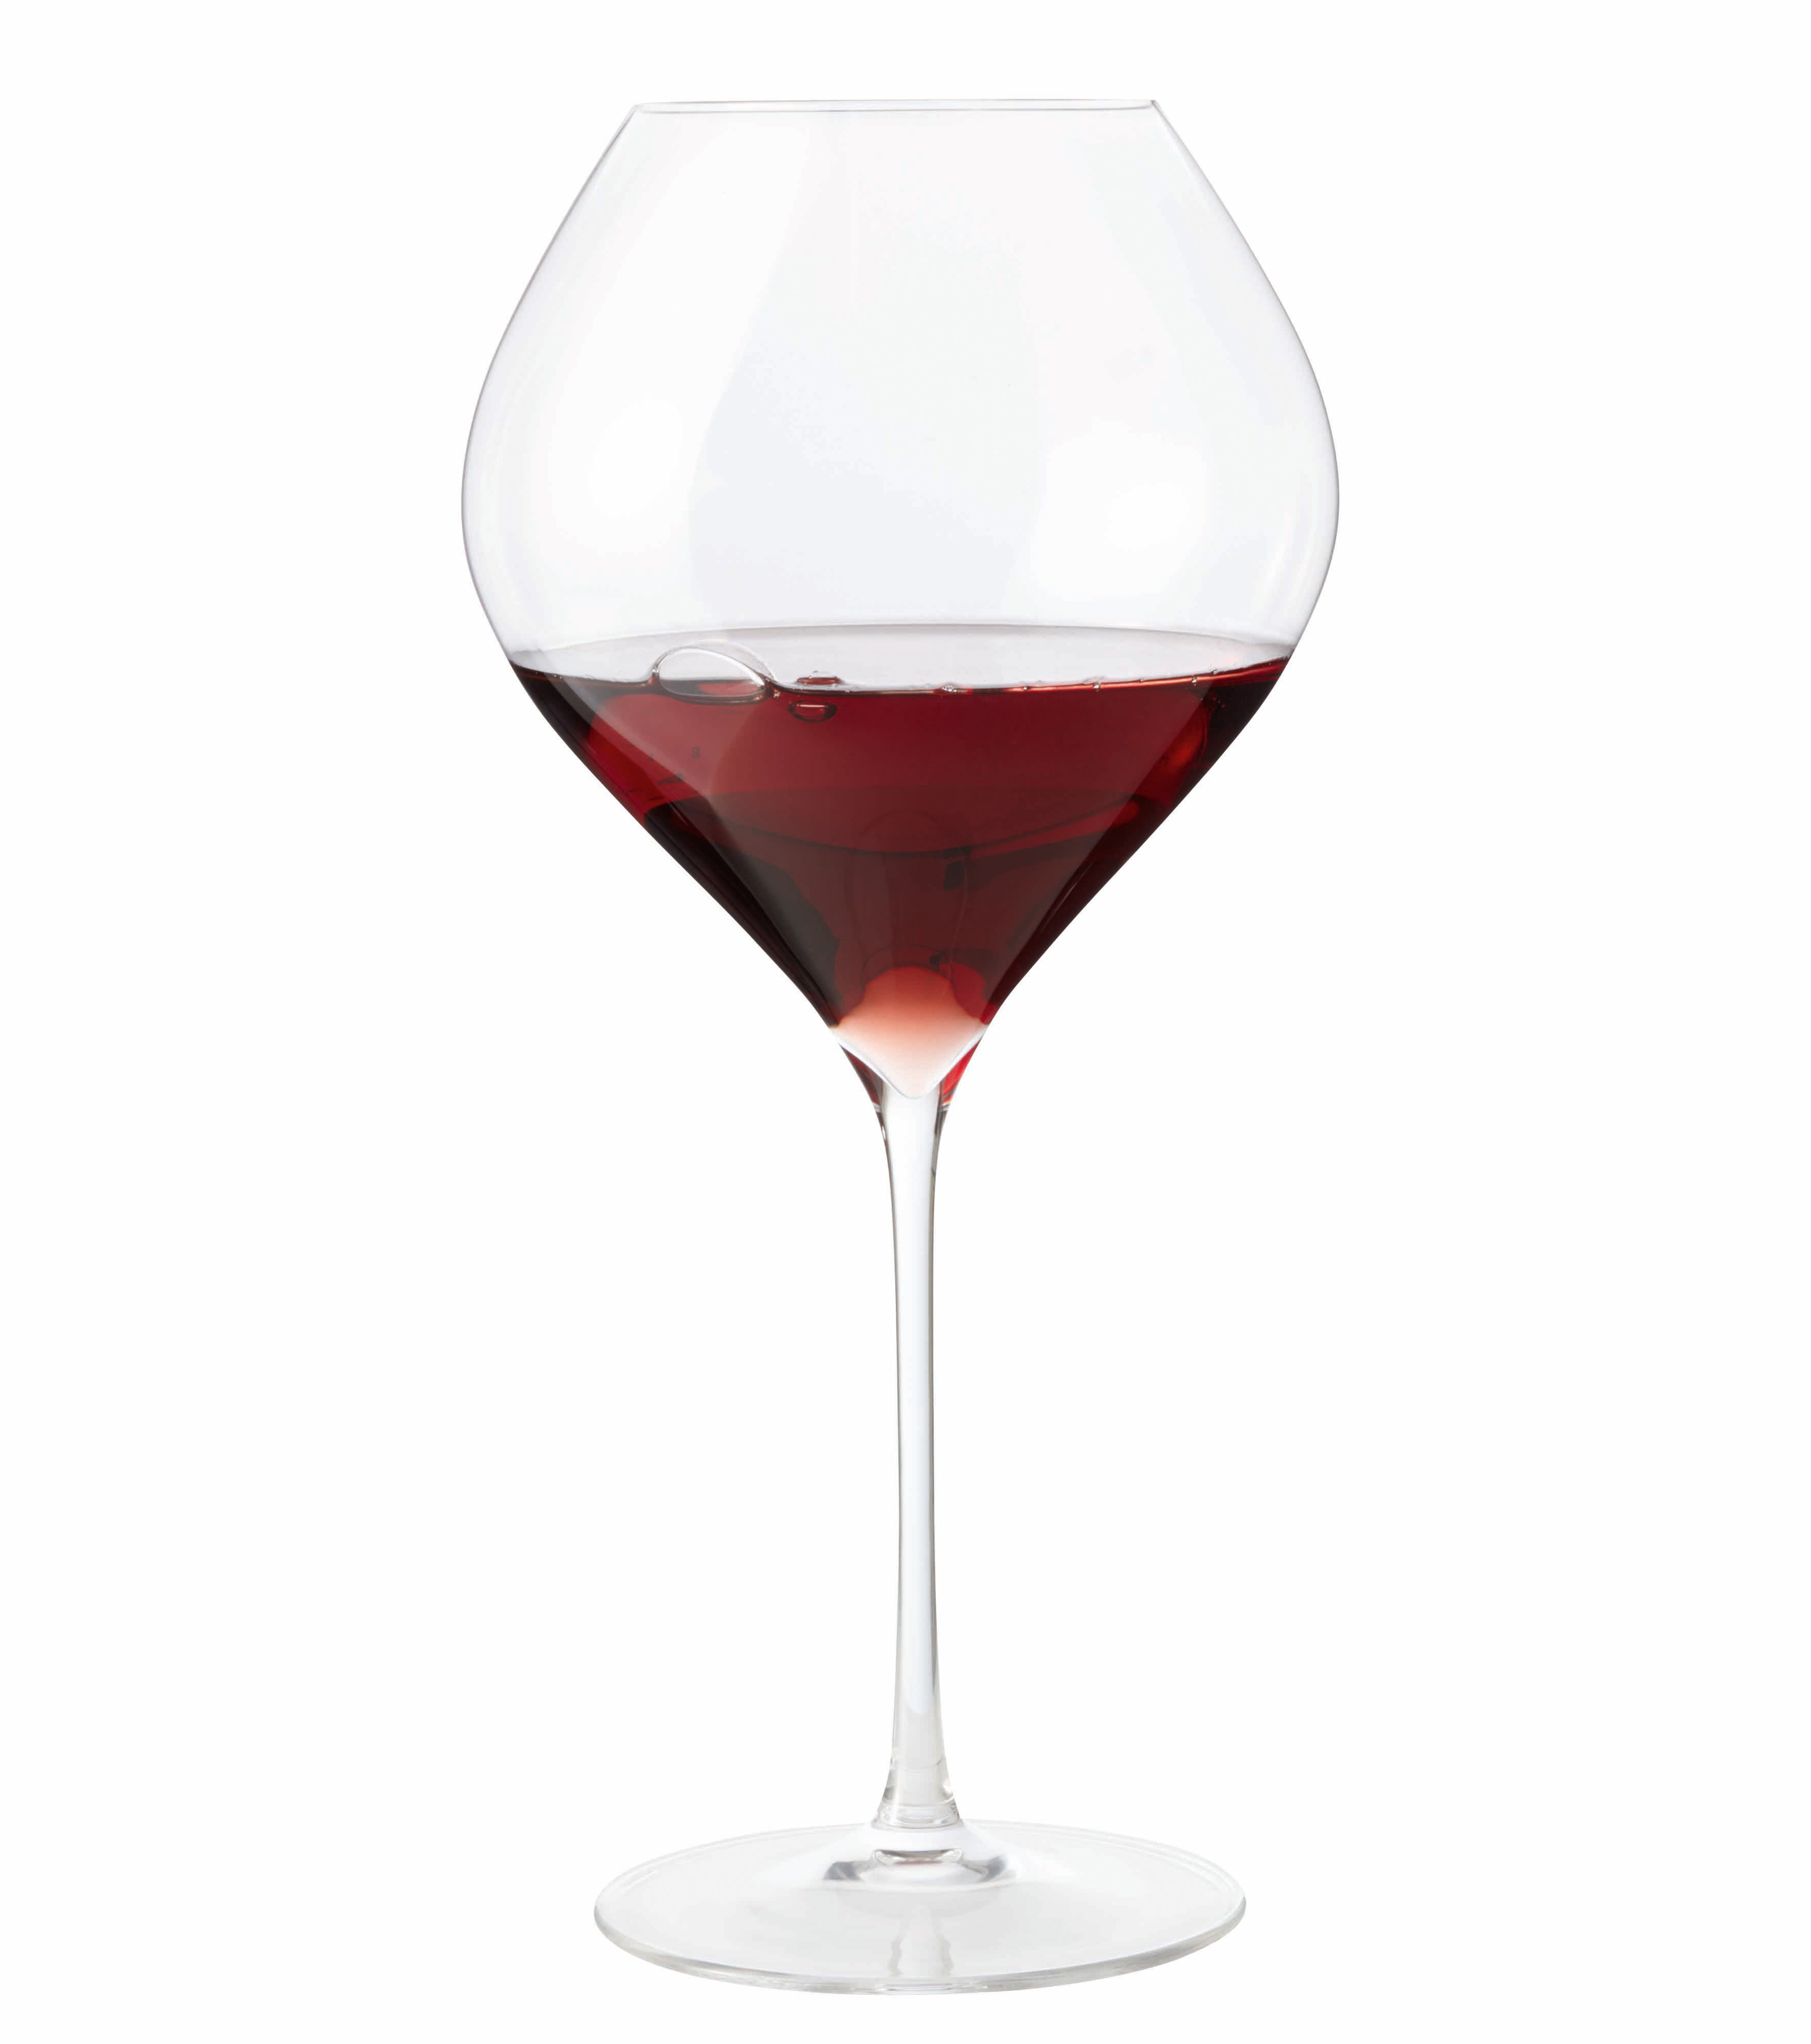 Verre vin rossini pour bourgogne 850 ml transparent leonardo - Vin rossini ...